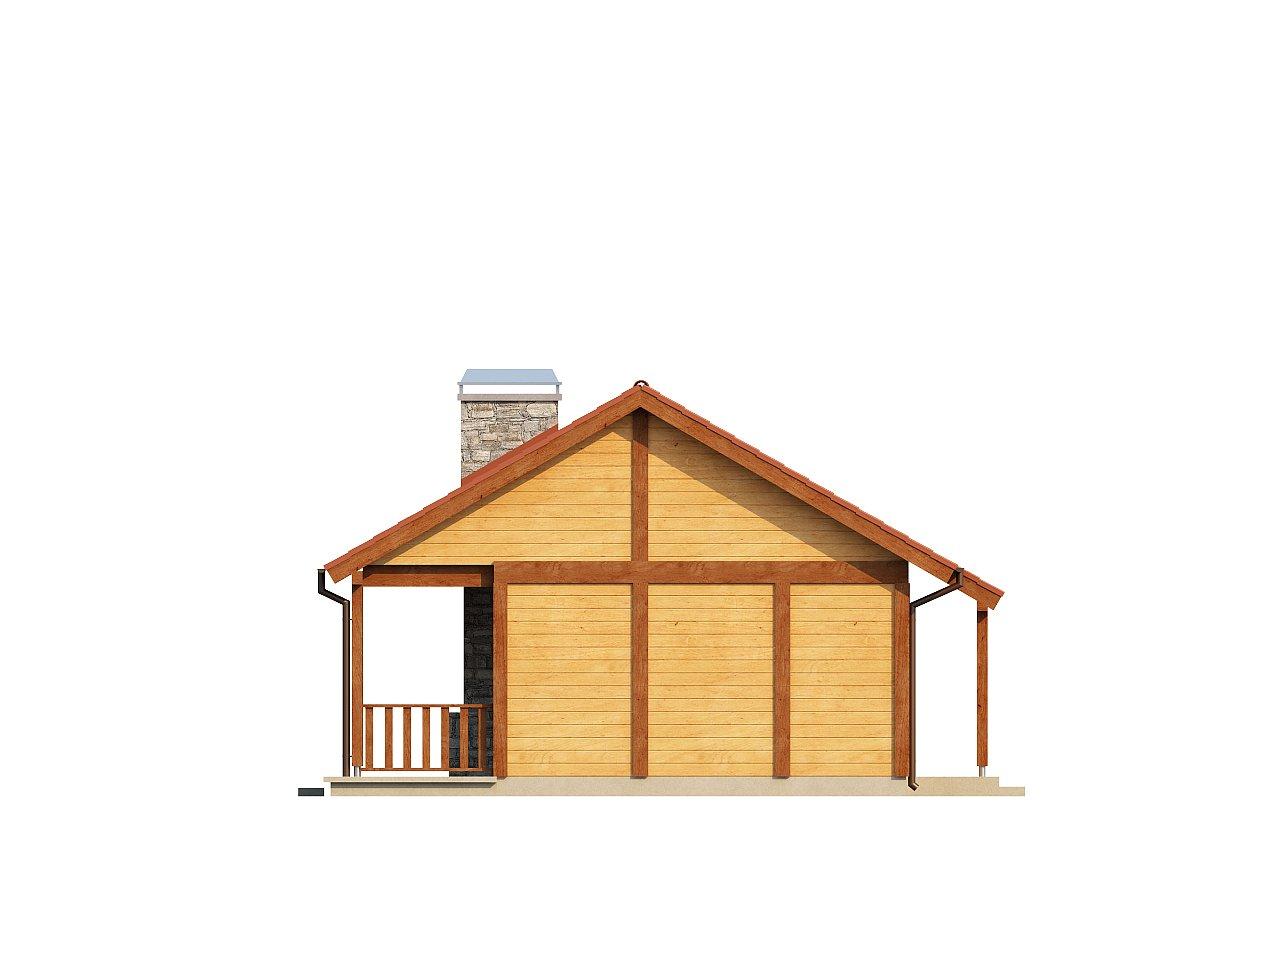 Маленький одноэтажный дом, оснащенный всем необходимым для круглогодичного проживания. - фото 14